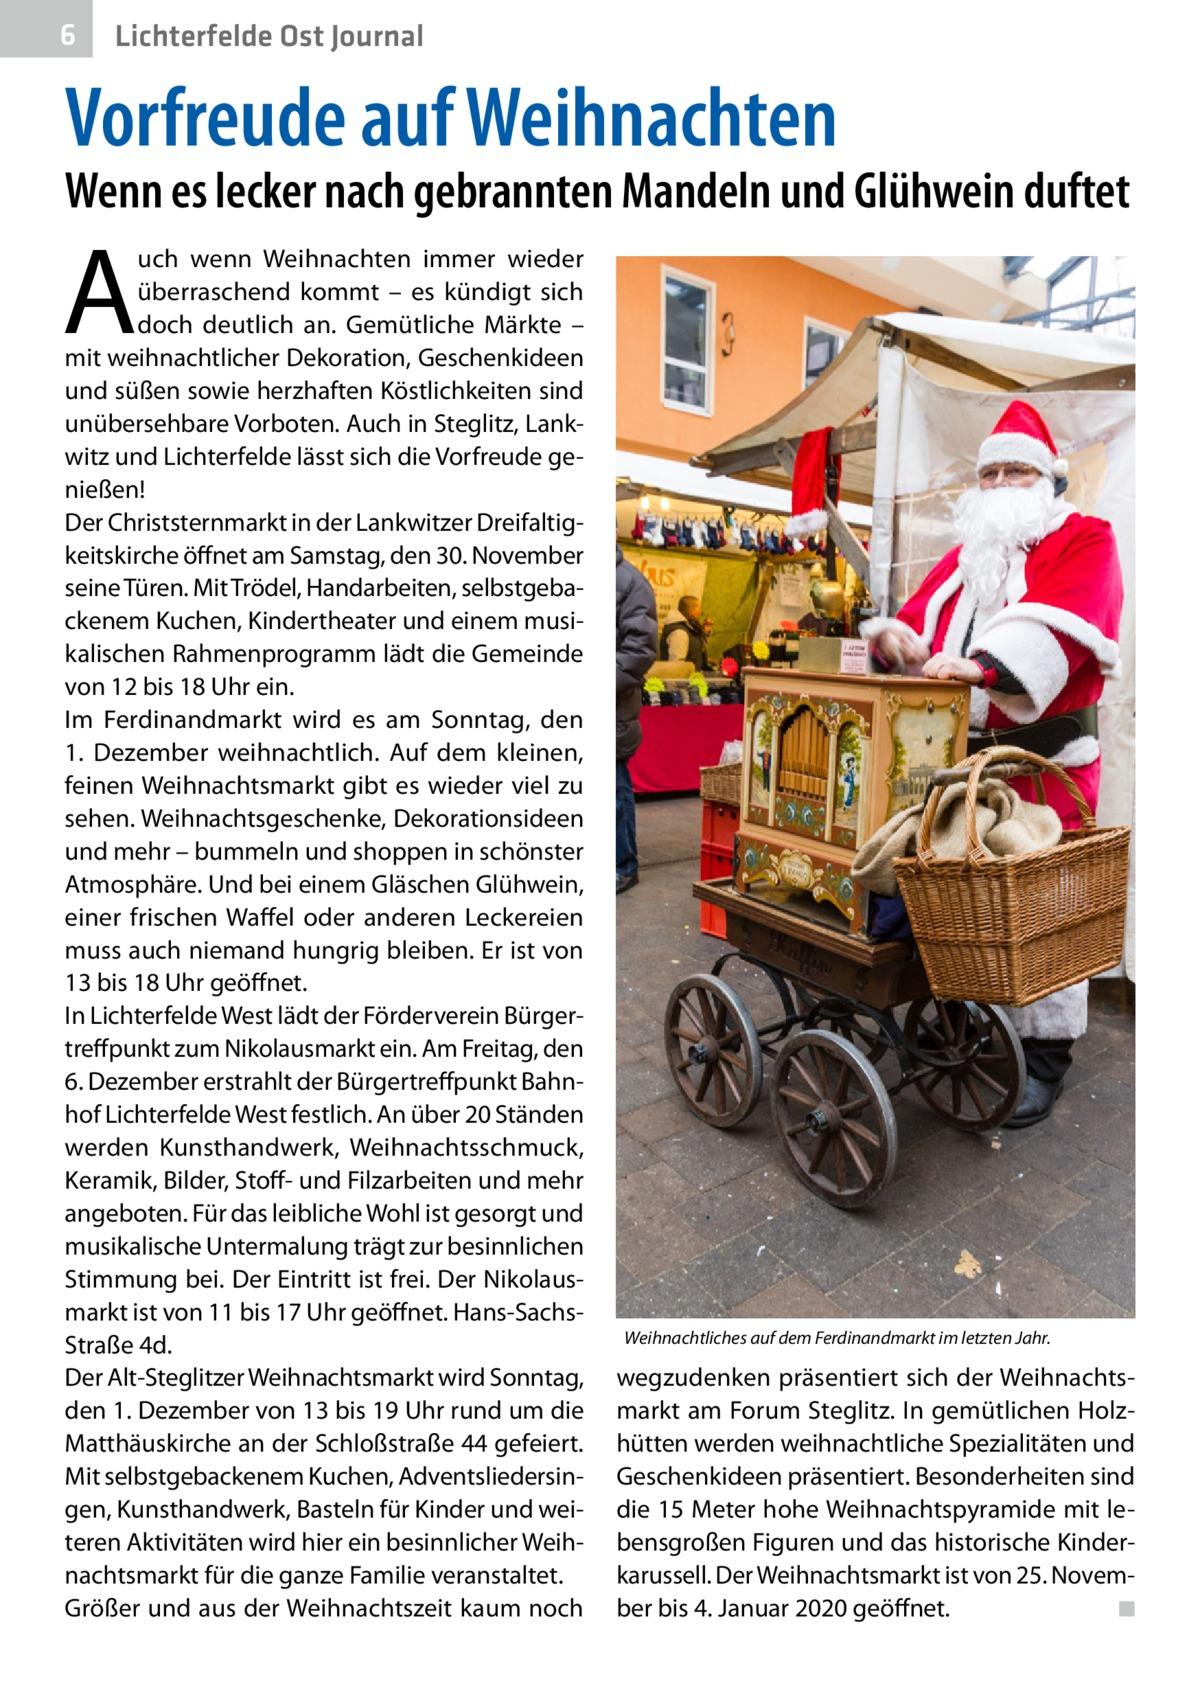 6  Lichterfelde Ost Journal  Vorfreude auf Weihnachten  Wenn es lecker nach gebrannten Mandeln und Glühwein duftet  A  uch wenn Weihnachten immer wieder überraschend kommt – es kündigt sich doch deutlich an. Gemütliche Märkte – mit weihnachtlicher Dekoration, Geschenkideen und süßen sowie herzhaften Köstlichkeiten sind unübersehbare Vorboten. Auch in Steglitz, Lankwitz und Lichterfelde lässt sich die Vorfreude genießen! Der Christsternmarkt in der Lankwitzer Dreifaltigkeitskirche öffnet am Samstag, den 30.November seine Türen. Mit Trödel, Handarbeiten, selbstgebackenem Kuchen, Kindertheater und einem musikalischen Rahmenprogramm lädt die Gemeinde von 12 bis 18Uhr ein. Im Ferdinandmarkt wird es am Sonntag, den 1. Dezember weihnachtlich. Auf dem kleinen, feinen Weihnachtsmarkt gibt es wieder viel zu sehen. Weihnachtsgeschenke, Dekorationsideen und mehr – bummeln und shoppen in schönster Atmosphäre. Und bei einem Gläschen Glühwein, einer frischen Waffel oder anderen Leckereien muss auch niemand hungrig bleiben. Er ist von 13 bis 18 Uhr geöffnet. In Lichterfelde West lädt der Förderverein Bürgertreffpunkt zum Nikolausmarkt ein. Am Freitag, den 6.Dezember erstrahlt der Bürgertreffpunkt Bahnhof Lichterfelde West festlich. An über 20Ständen werden Kunsthandwerk, Weihnachtsschmuck, Keramik, Bilder, Stoff- und Filzarbeiten und mehr angeboten. Für das leibliche Wohl ist gesorgt und musikalische Untermalung trägt zur besinnlichen Stimmung bei. Der Eintritt ist frei. Der Nikolausmarkt ist von 11 bis 17Uhr geöffnet. Hans-SachsStraße4d. Der Alt-Steglitzer Weihnachtsmarkt wird Sonntag, den 1.Dezember von 13 bis 19Uhr rund um die Matthäuskirche an der Schloßstraße44 gefeiert. Mit selbstgebackenem Kuchen, Adventsliedersingen, Kunsthandwerk, Basteln für Kinder und weiteren Aktivitäten wird hier ein besinnlicher Weihnachtsmarkt für die ganze Familie veranstaltet. Größer und aus der Weihnachtszeit kaum noch  Weihnachtliches auf dem Ferdinandmarkt im letzten Jahr.  wegzudenken präsentie